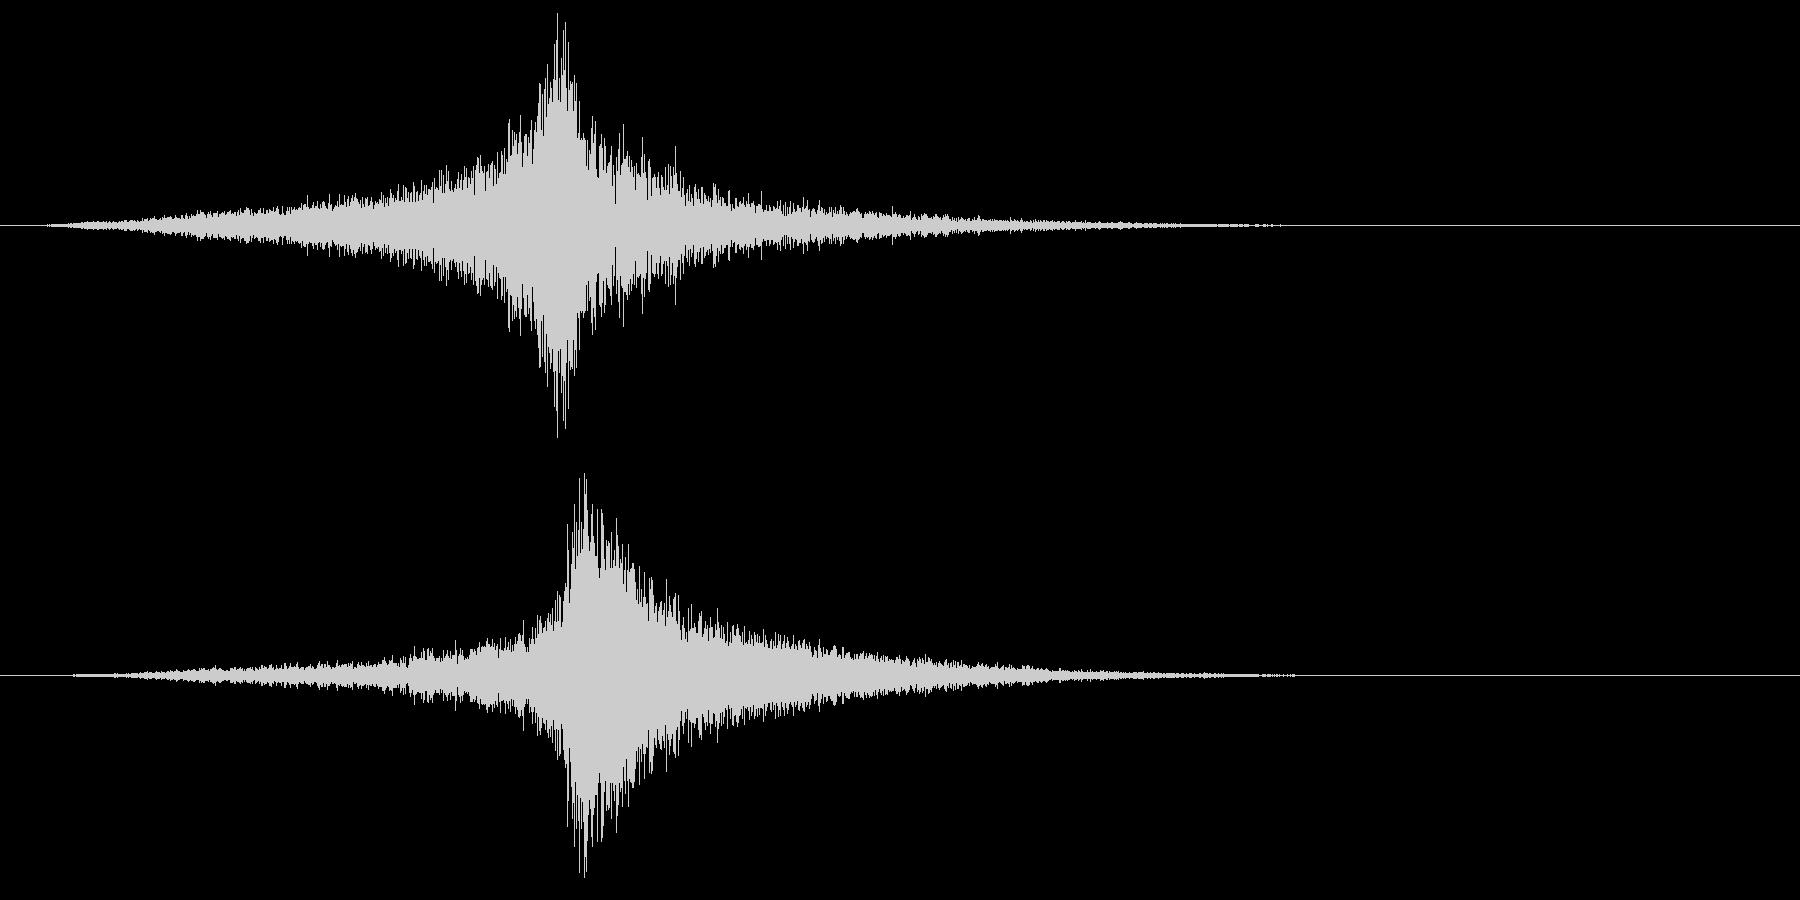 宇宙船・飛翔体#2通過 左〜右ゆっくりの未再生の波形